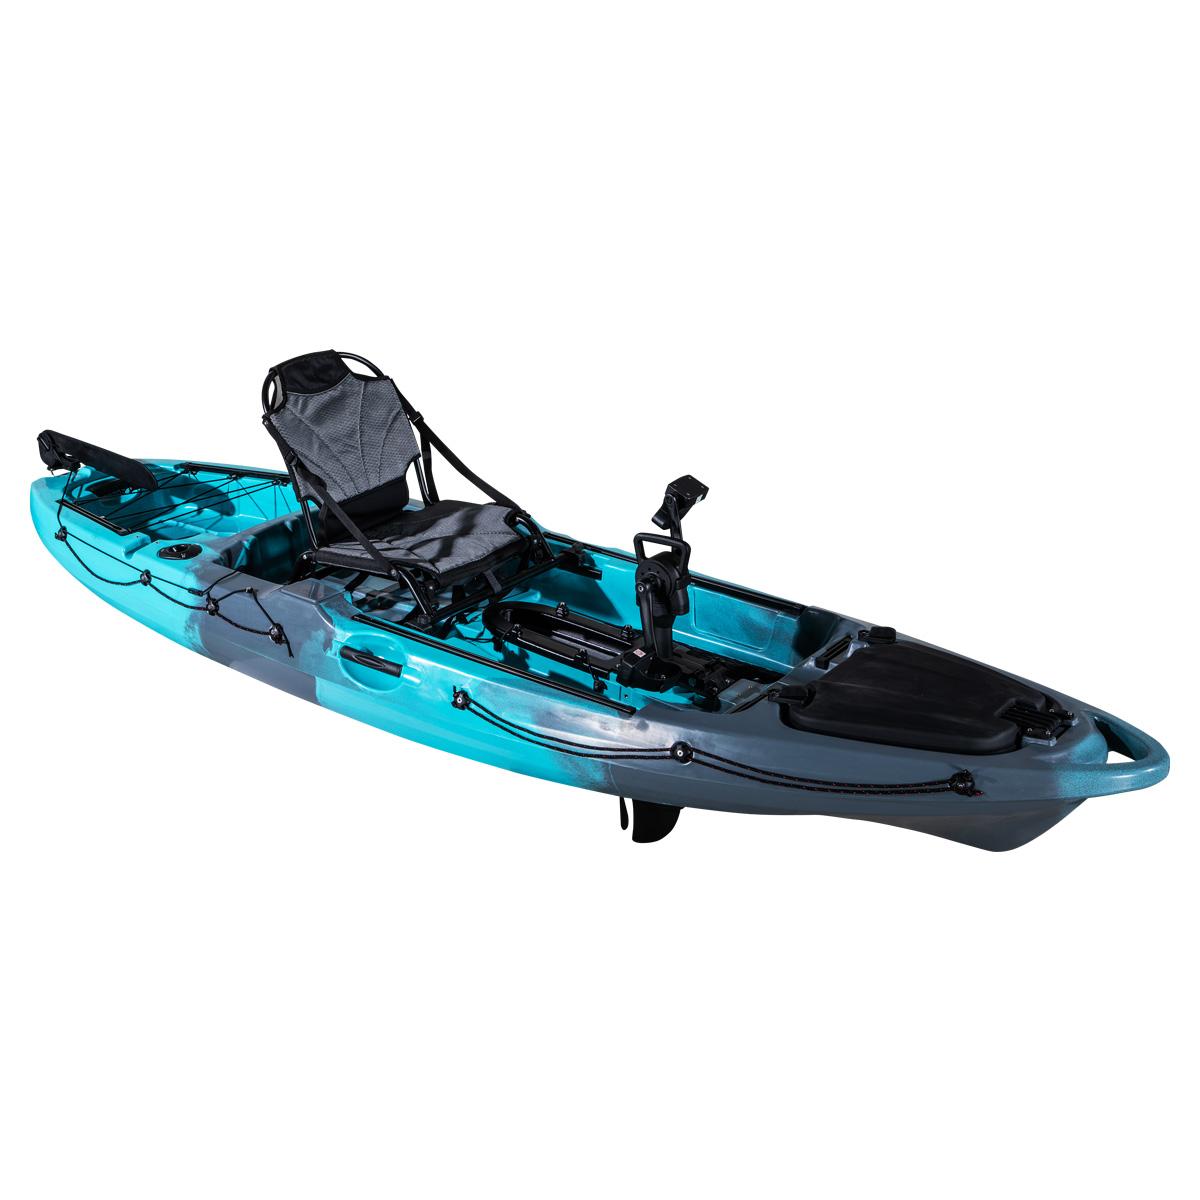 Revolve 10 Pedal Fishing Kayak Salt Water